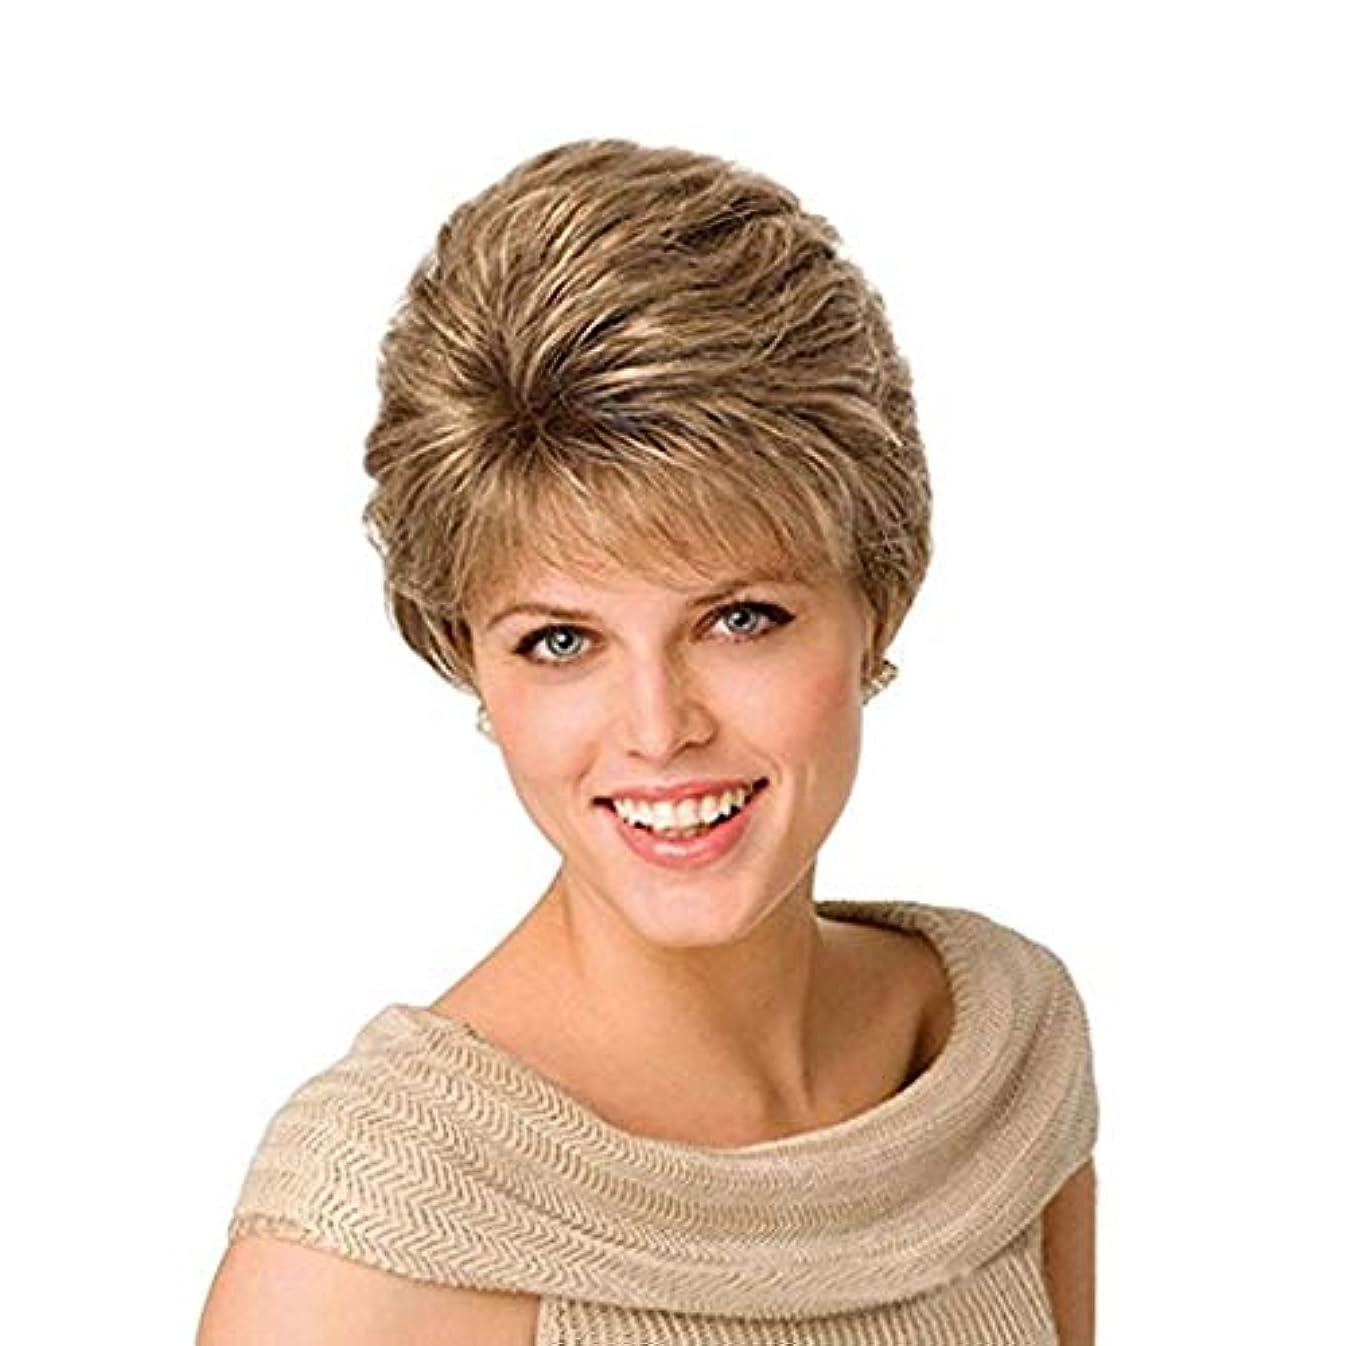 無関心経歴予想するかつらレディースショートストレートヘア高温化学繊維シルクウィッグヘッドギアゴールドウィッグ